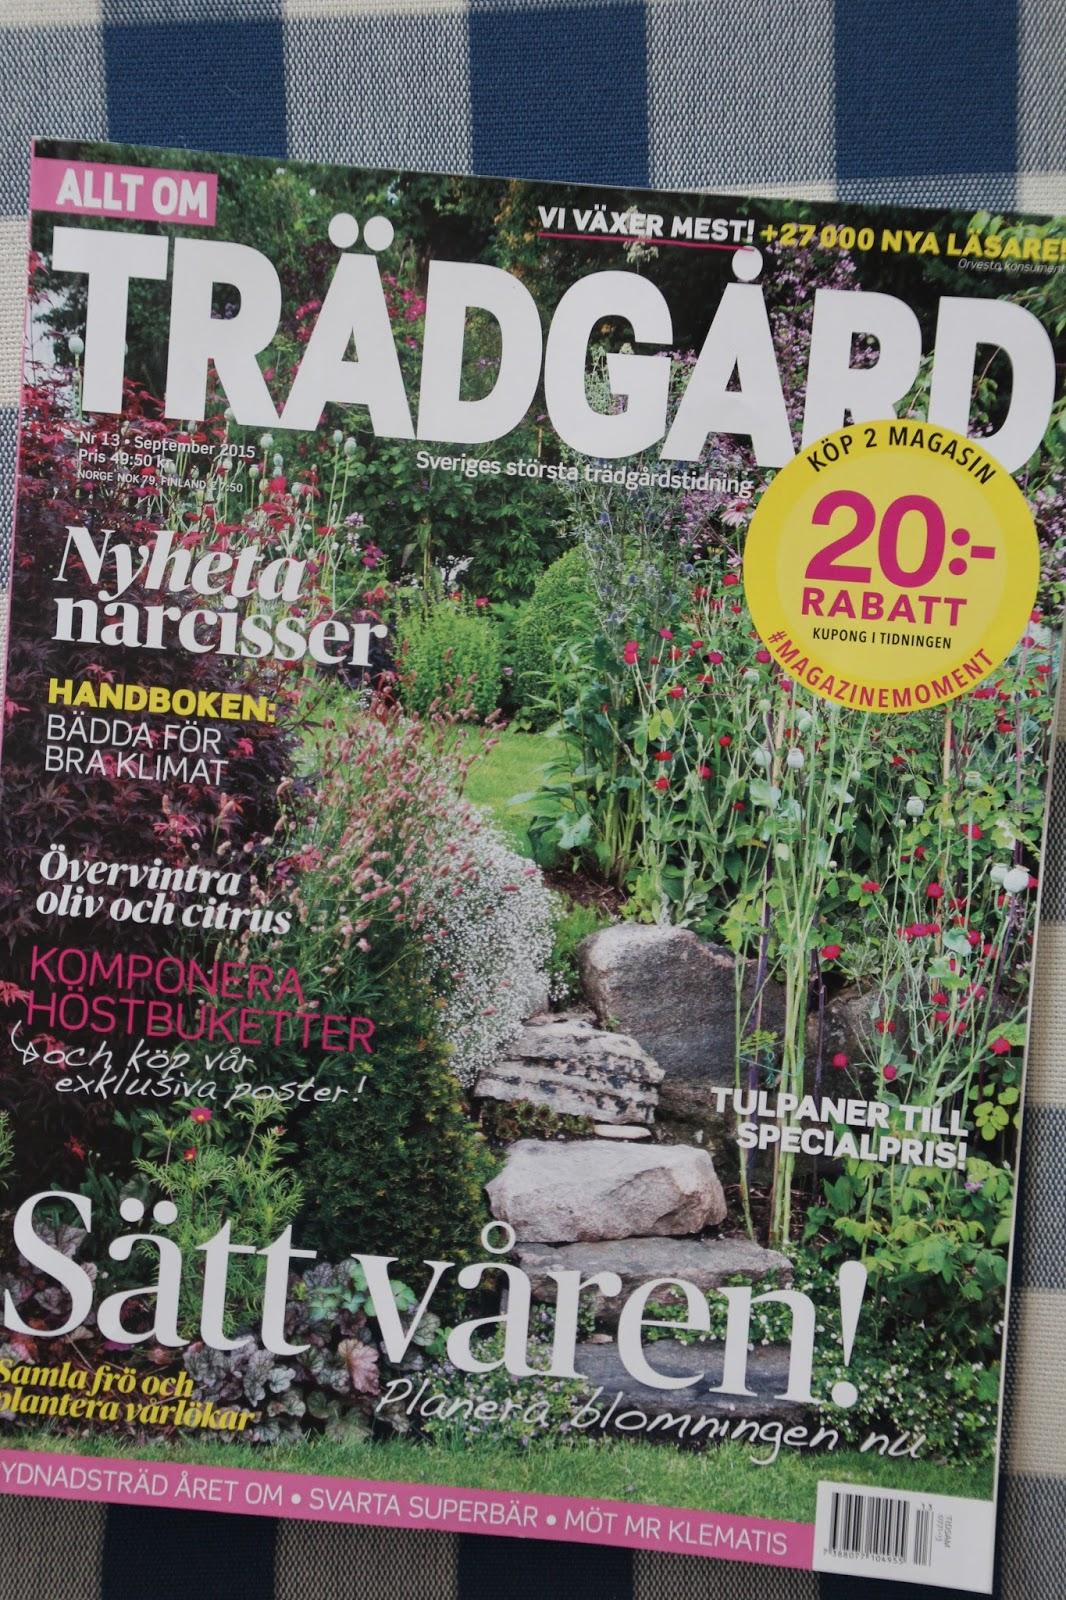 Allt om Trädgård reportage